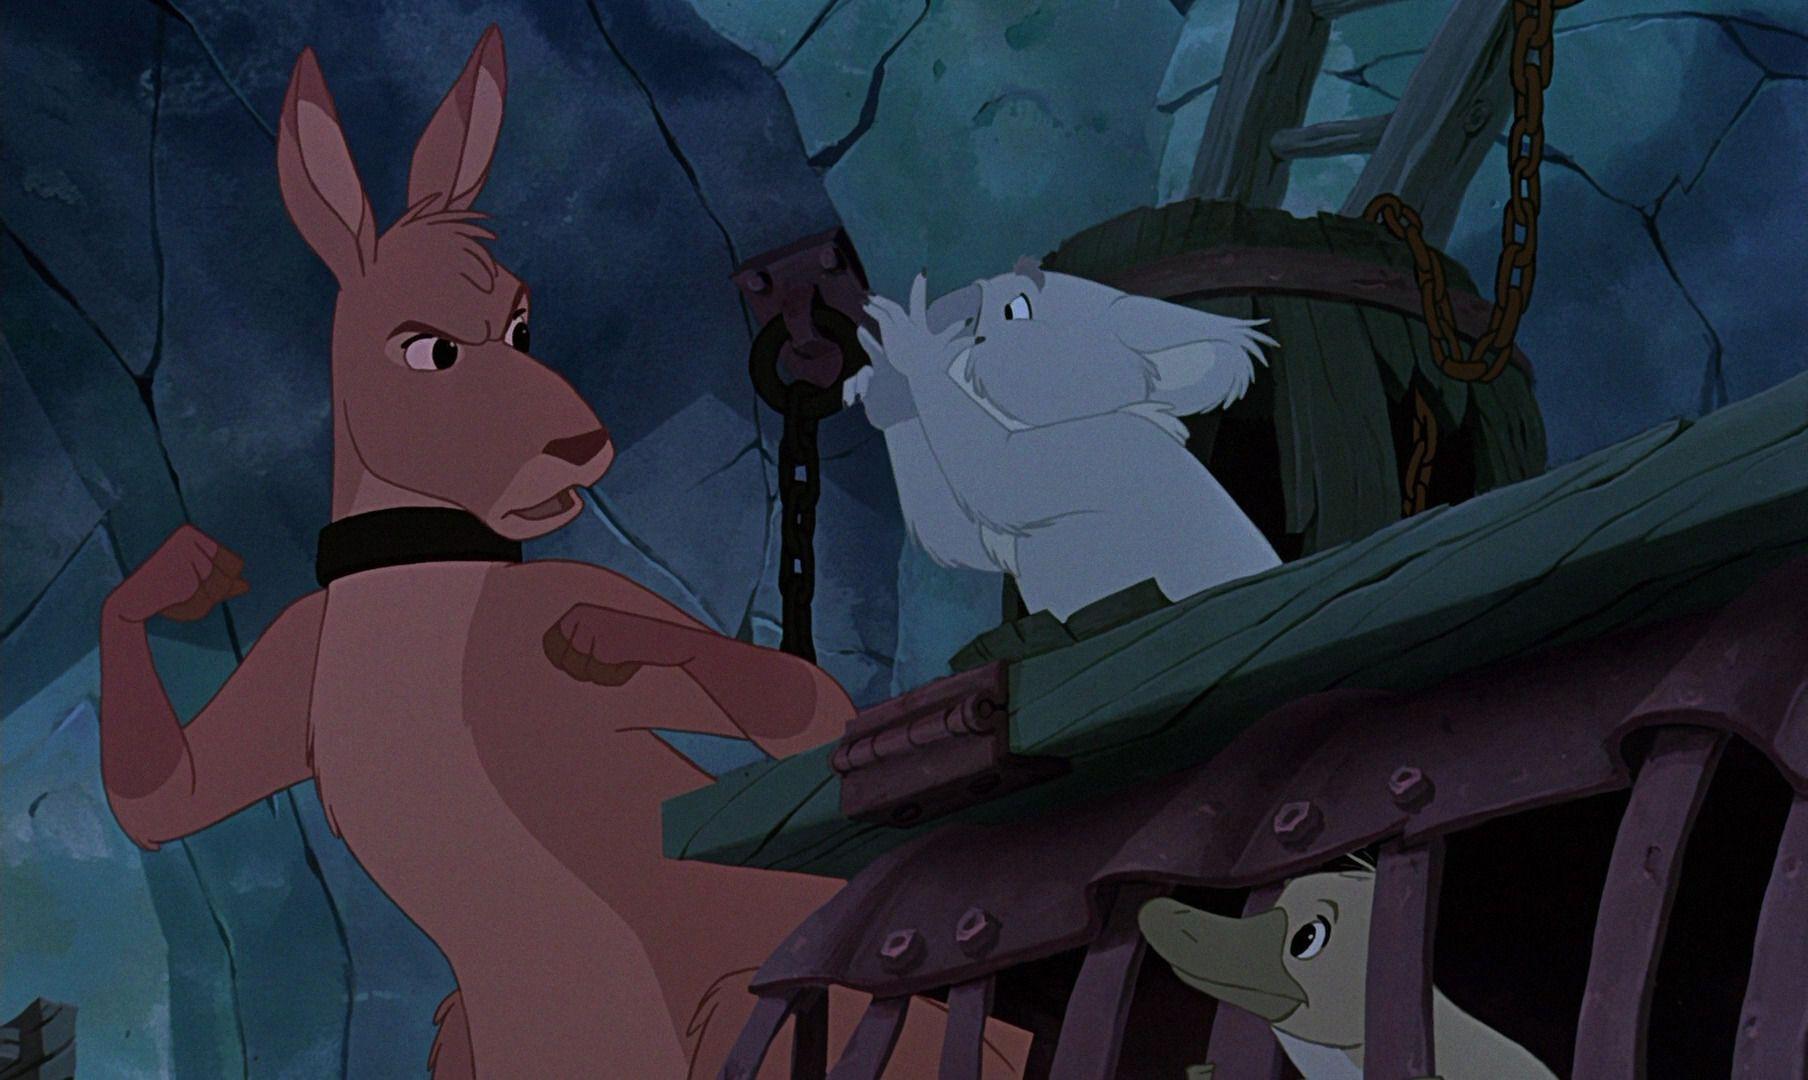 'The Rescuers Down Under' Bernardo e Bianca na Terra dos Cangurus: A história não contada de como a sequência mudou a Disney para sempre 10